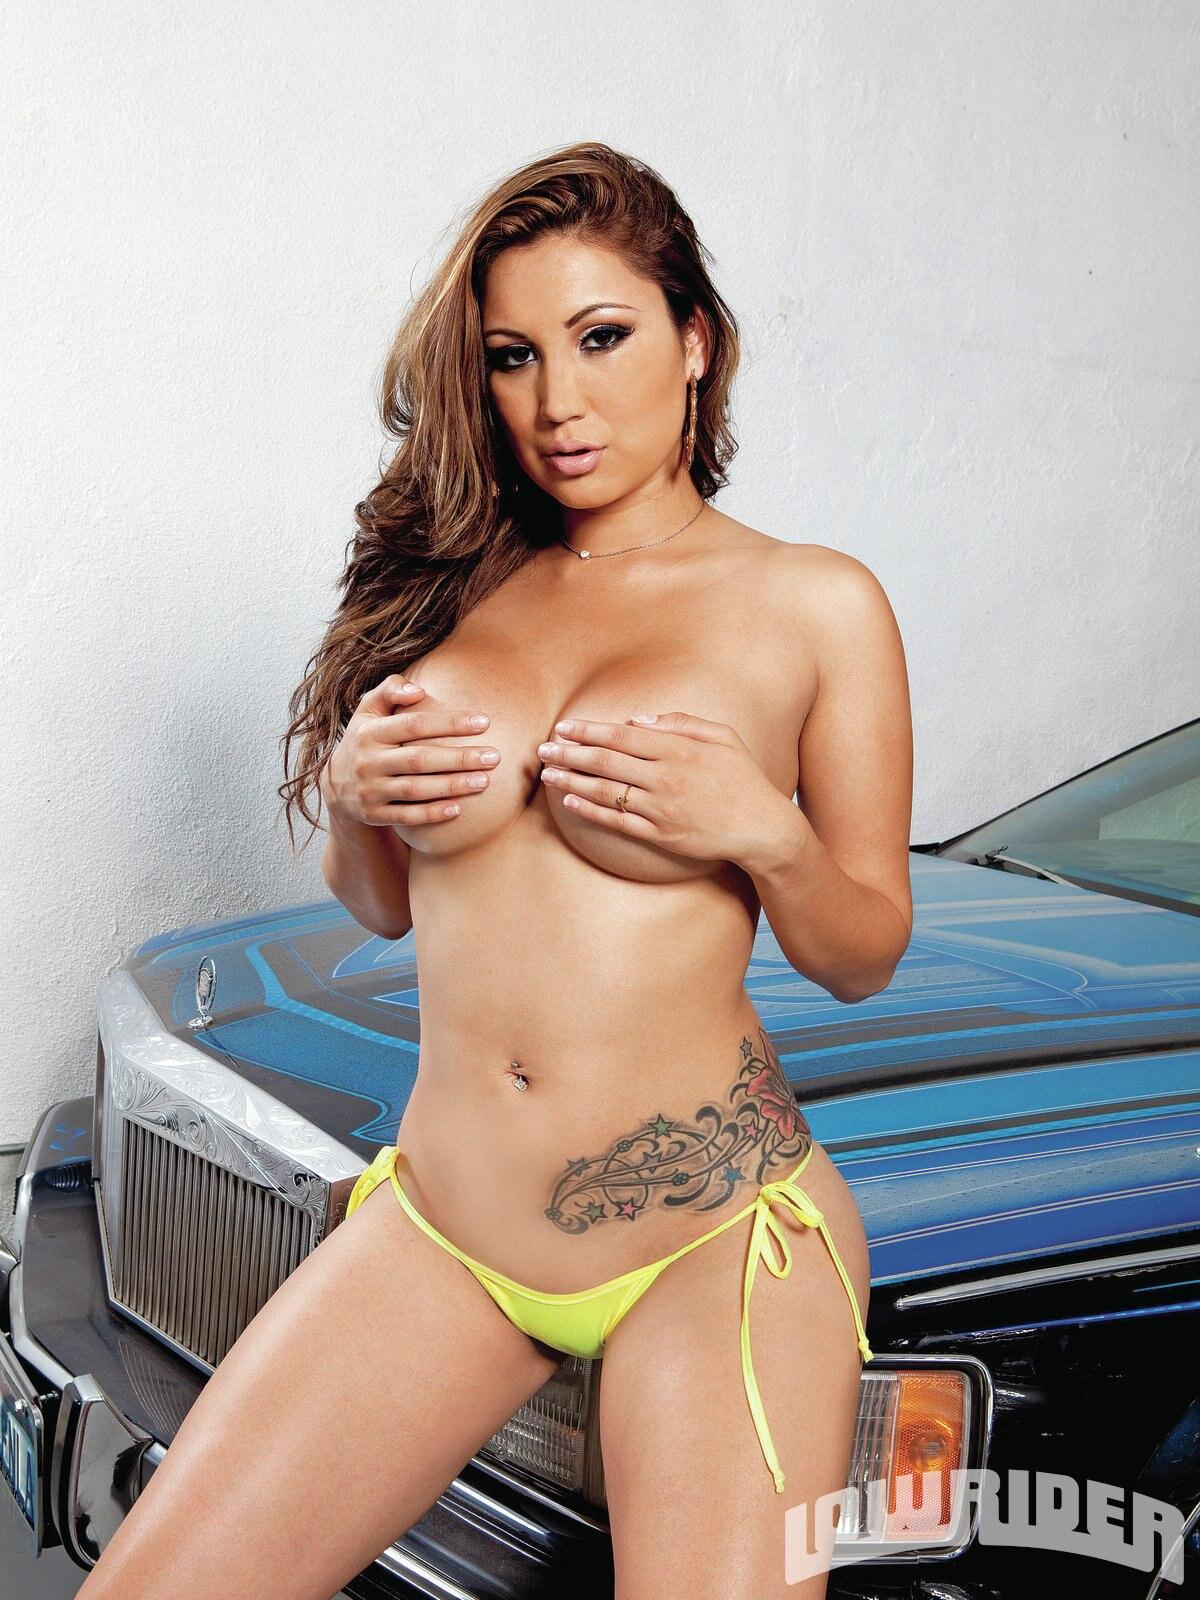 bd fat women sex